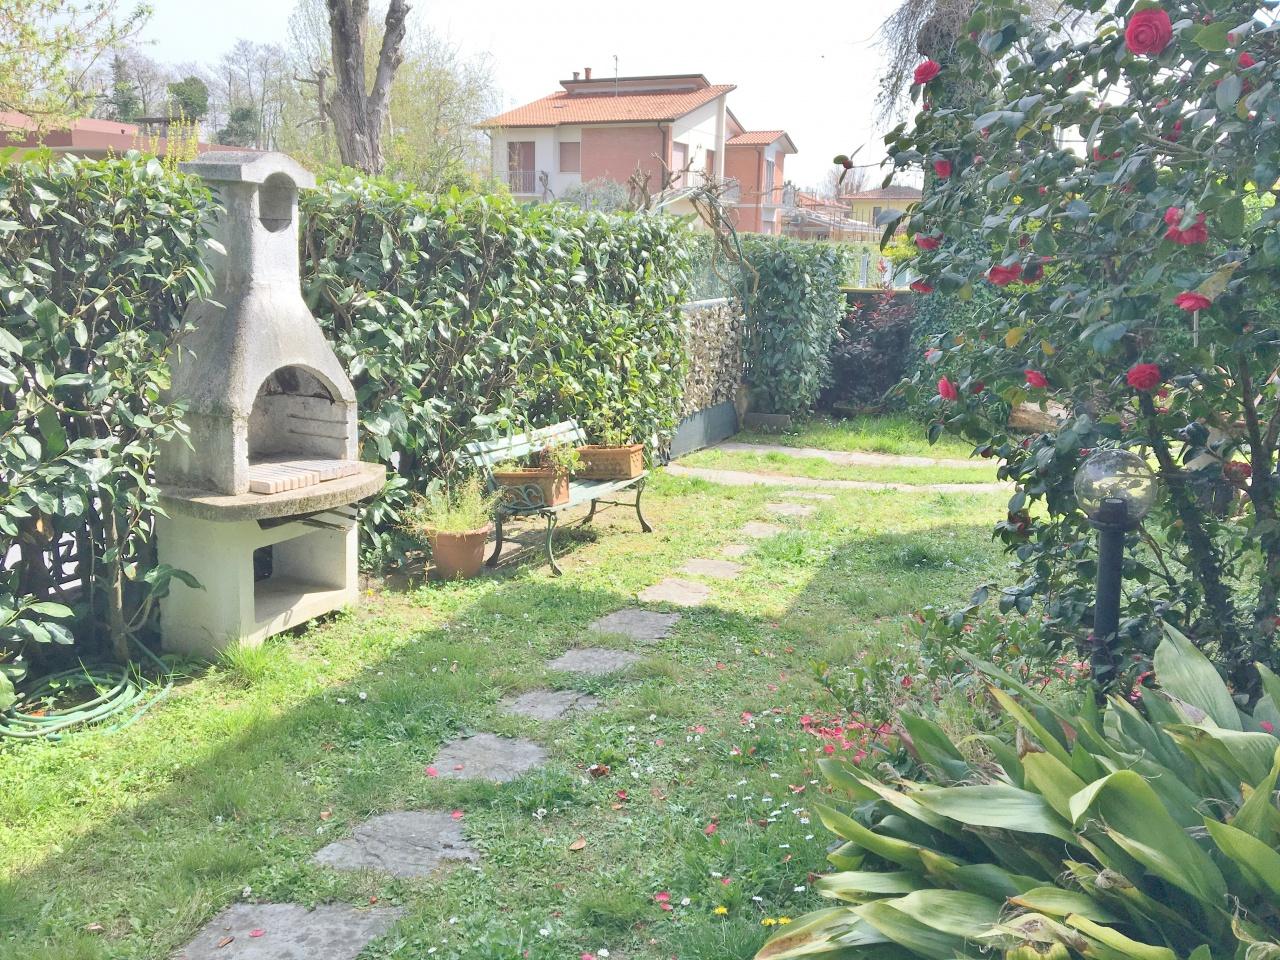 Villa in vacanze a pietrasanta marina di pietrasanta rif - Bagno lido fiumetto ...